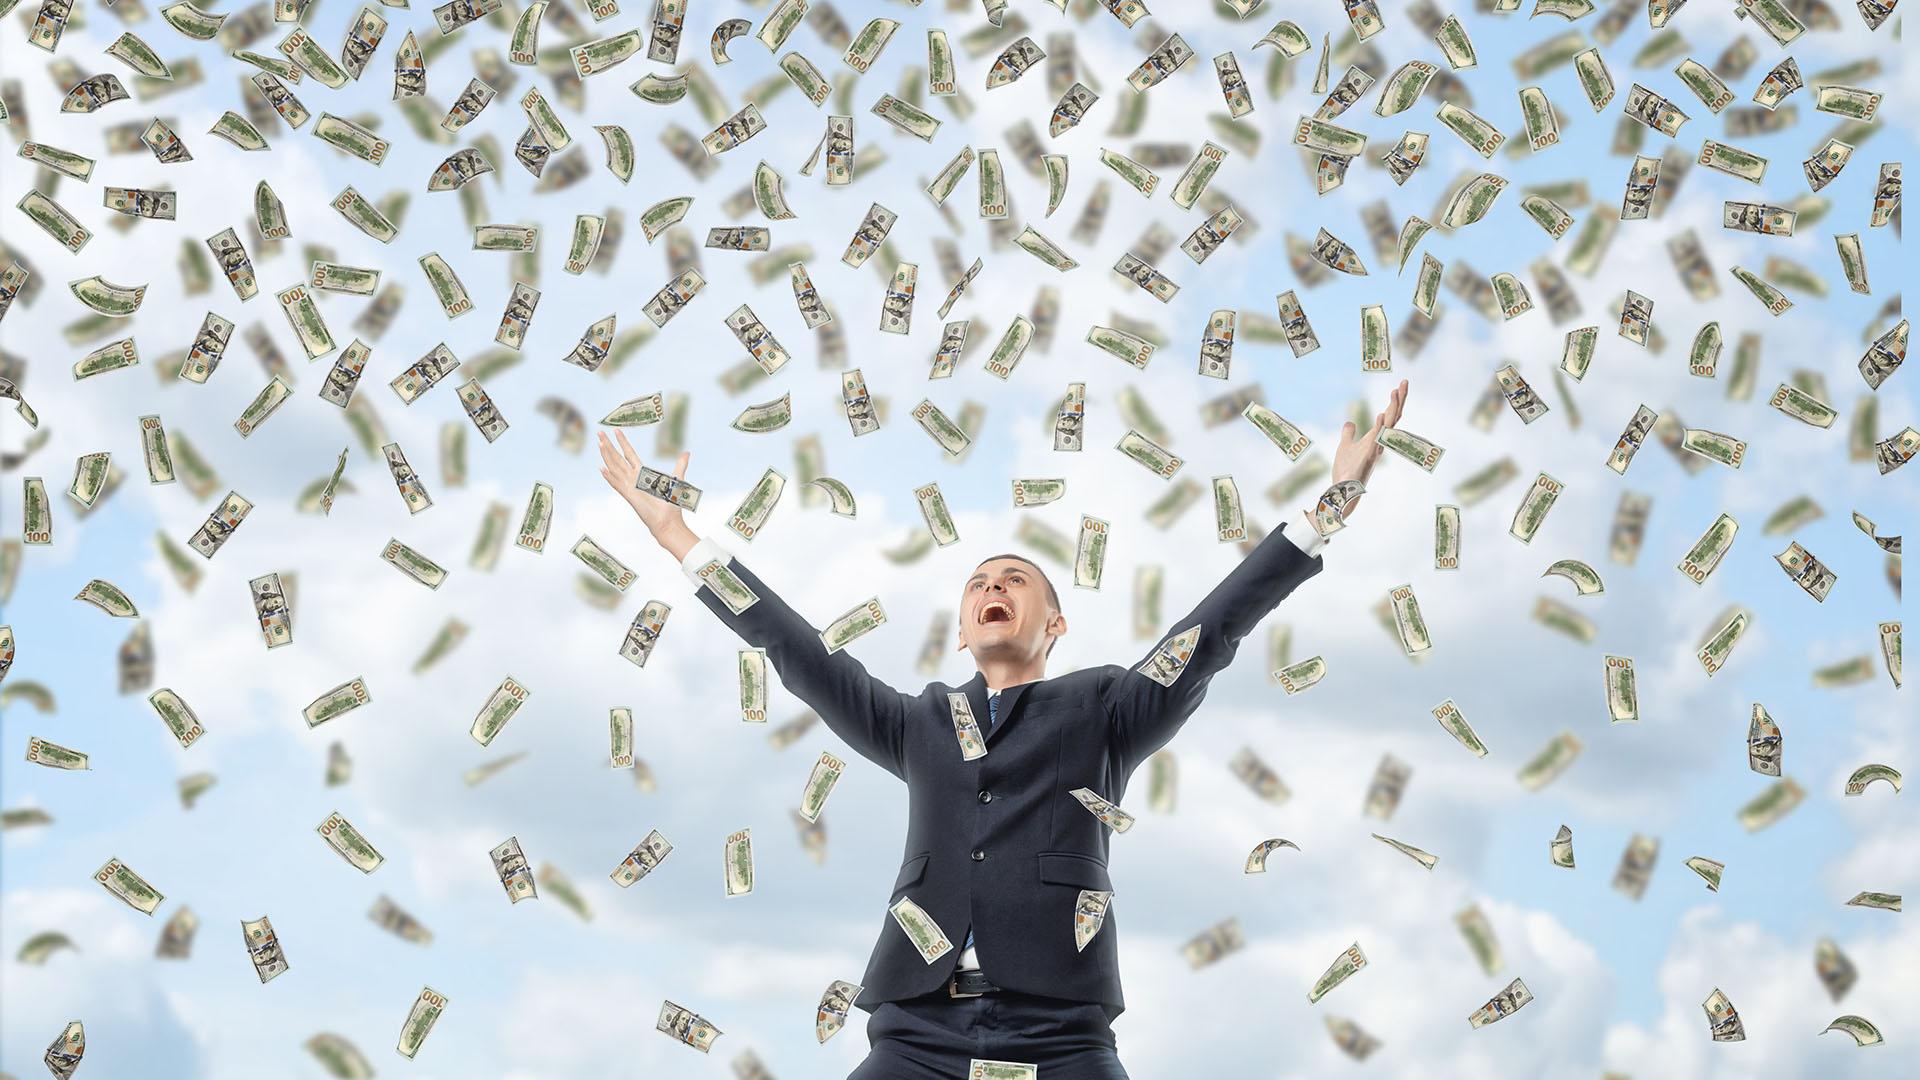 Közel hárommilliárdot nyert az ötöslottó nyertese